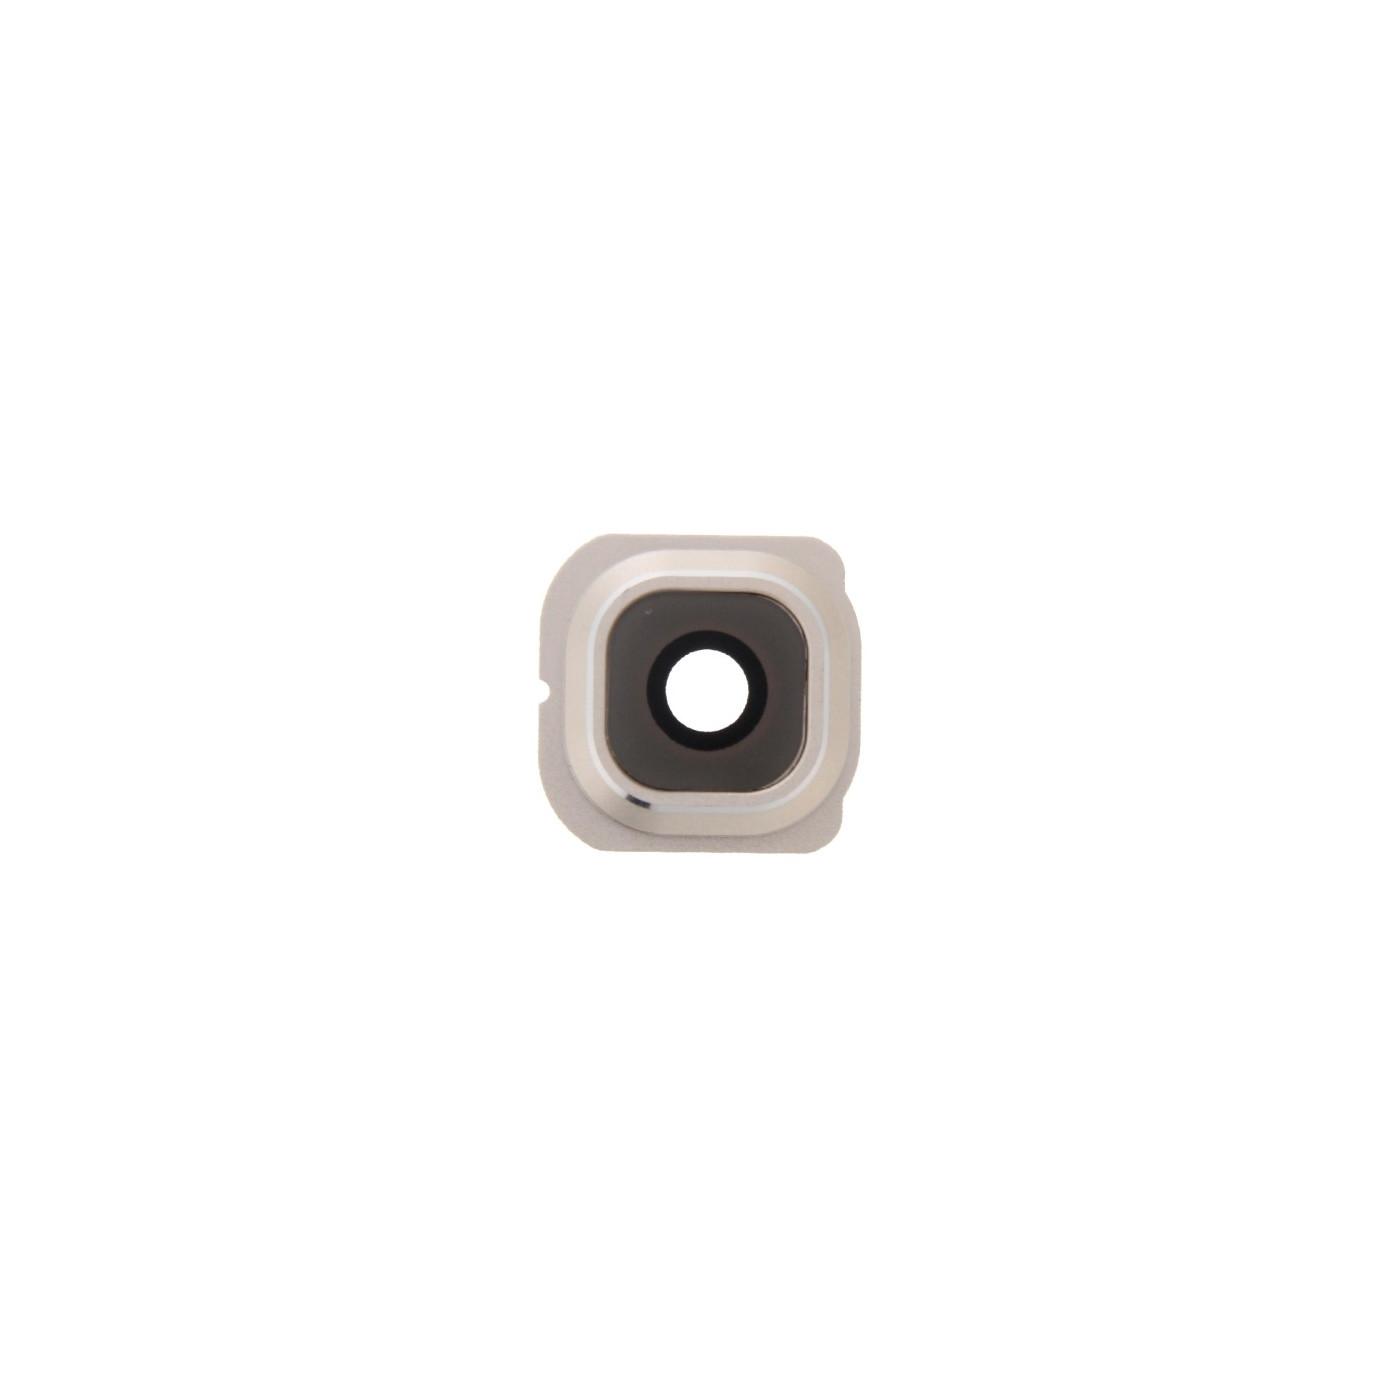 Lente fotocamera Camera Lens + Frame Holder Samsung Galaxy S6 Edge G925 gold